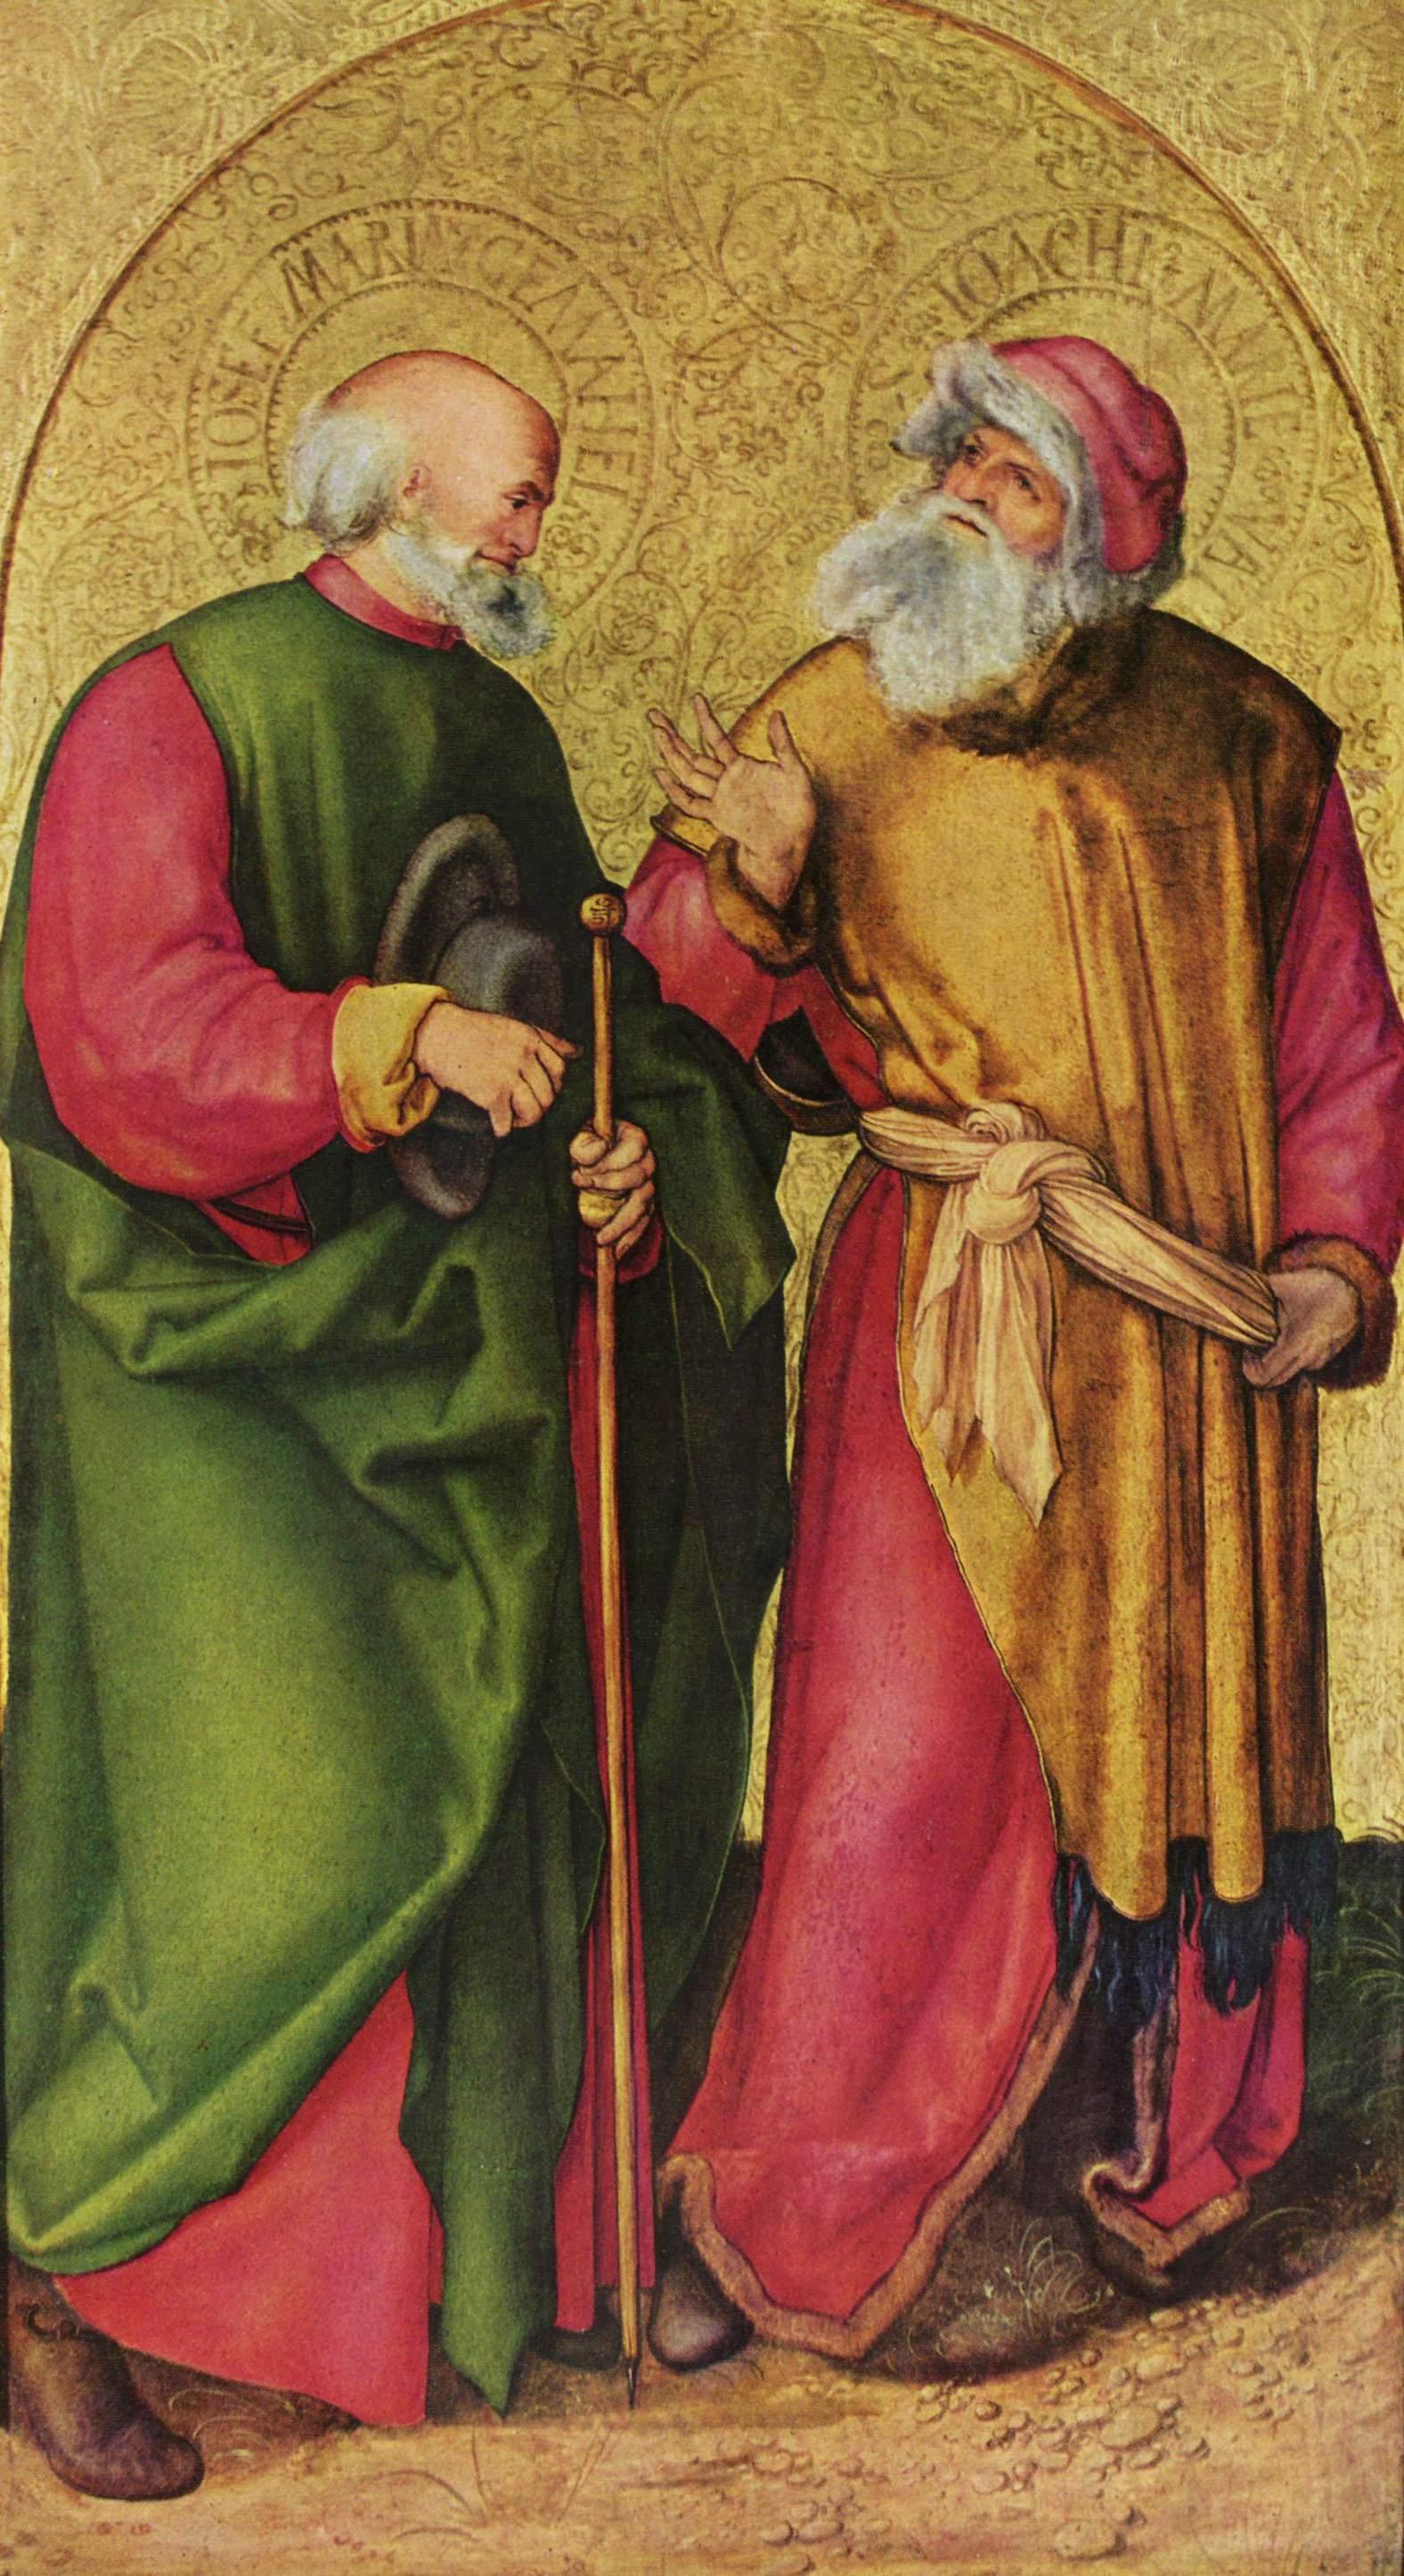 Алтарь трех волхвов, левая створка, Иосиф и Иоахим, Альбрехт Дюрер